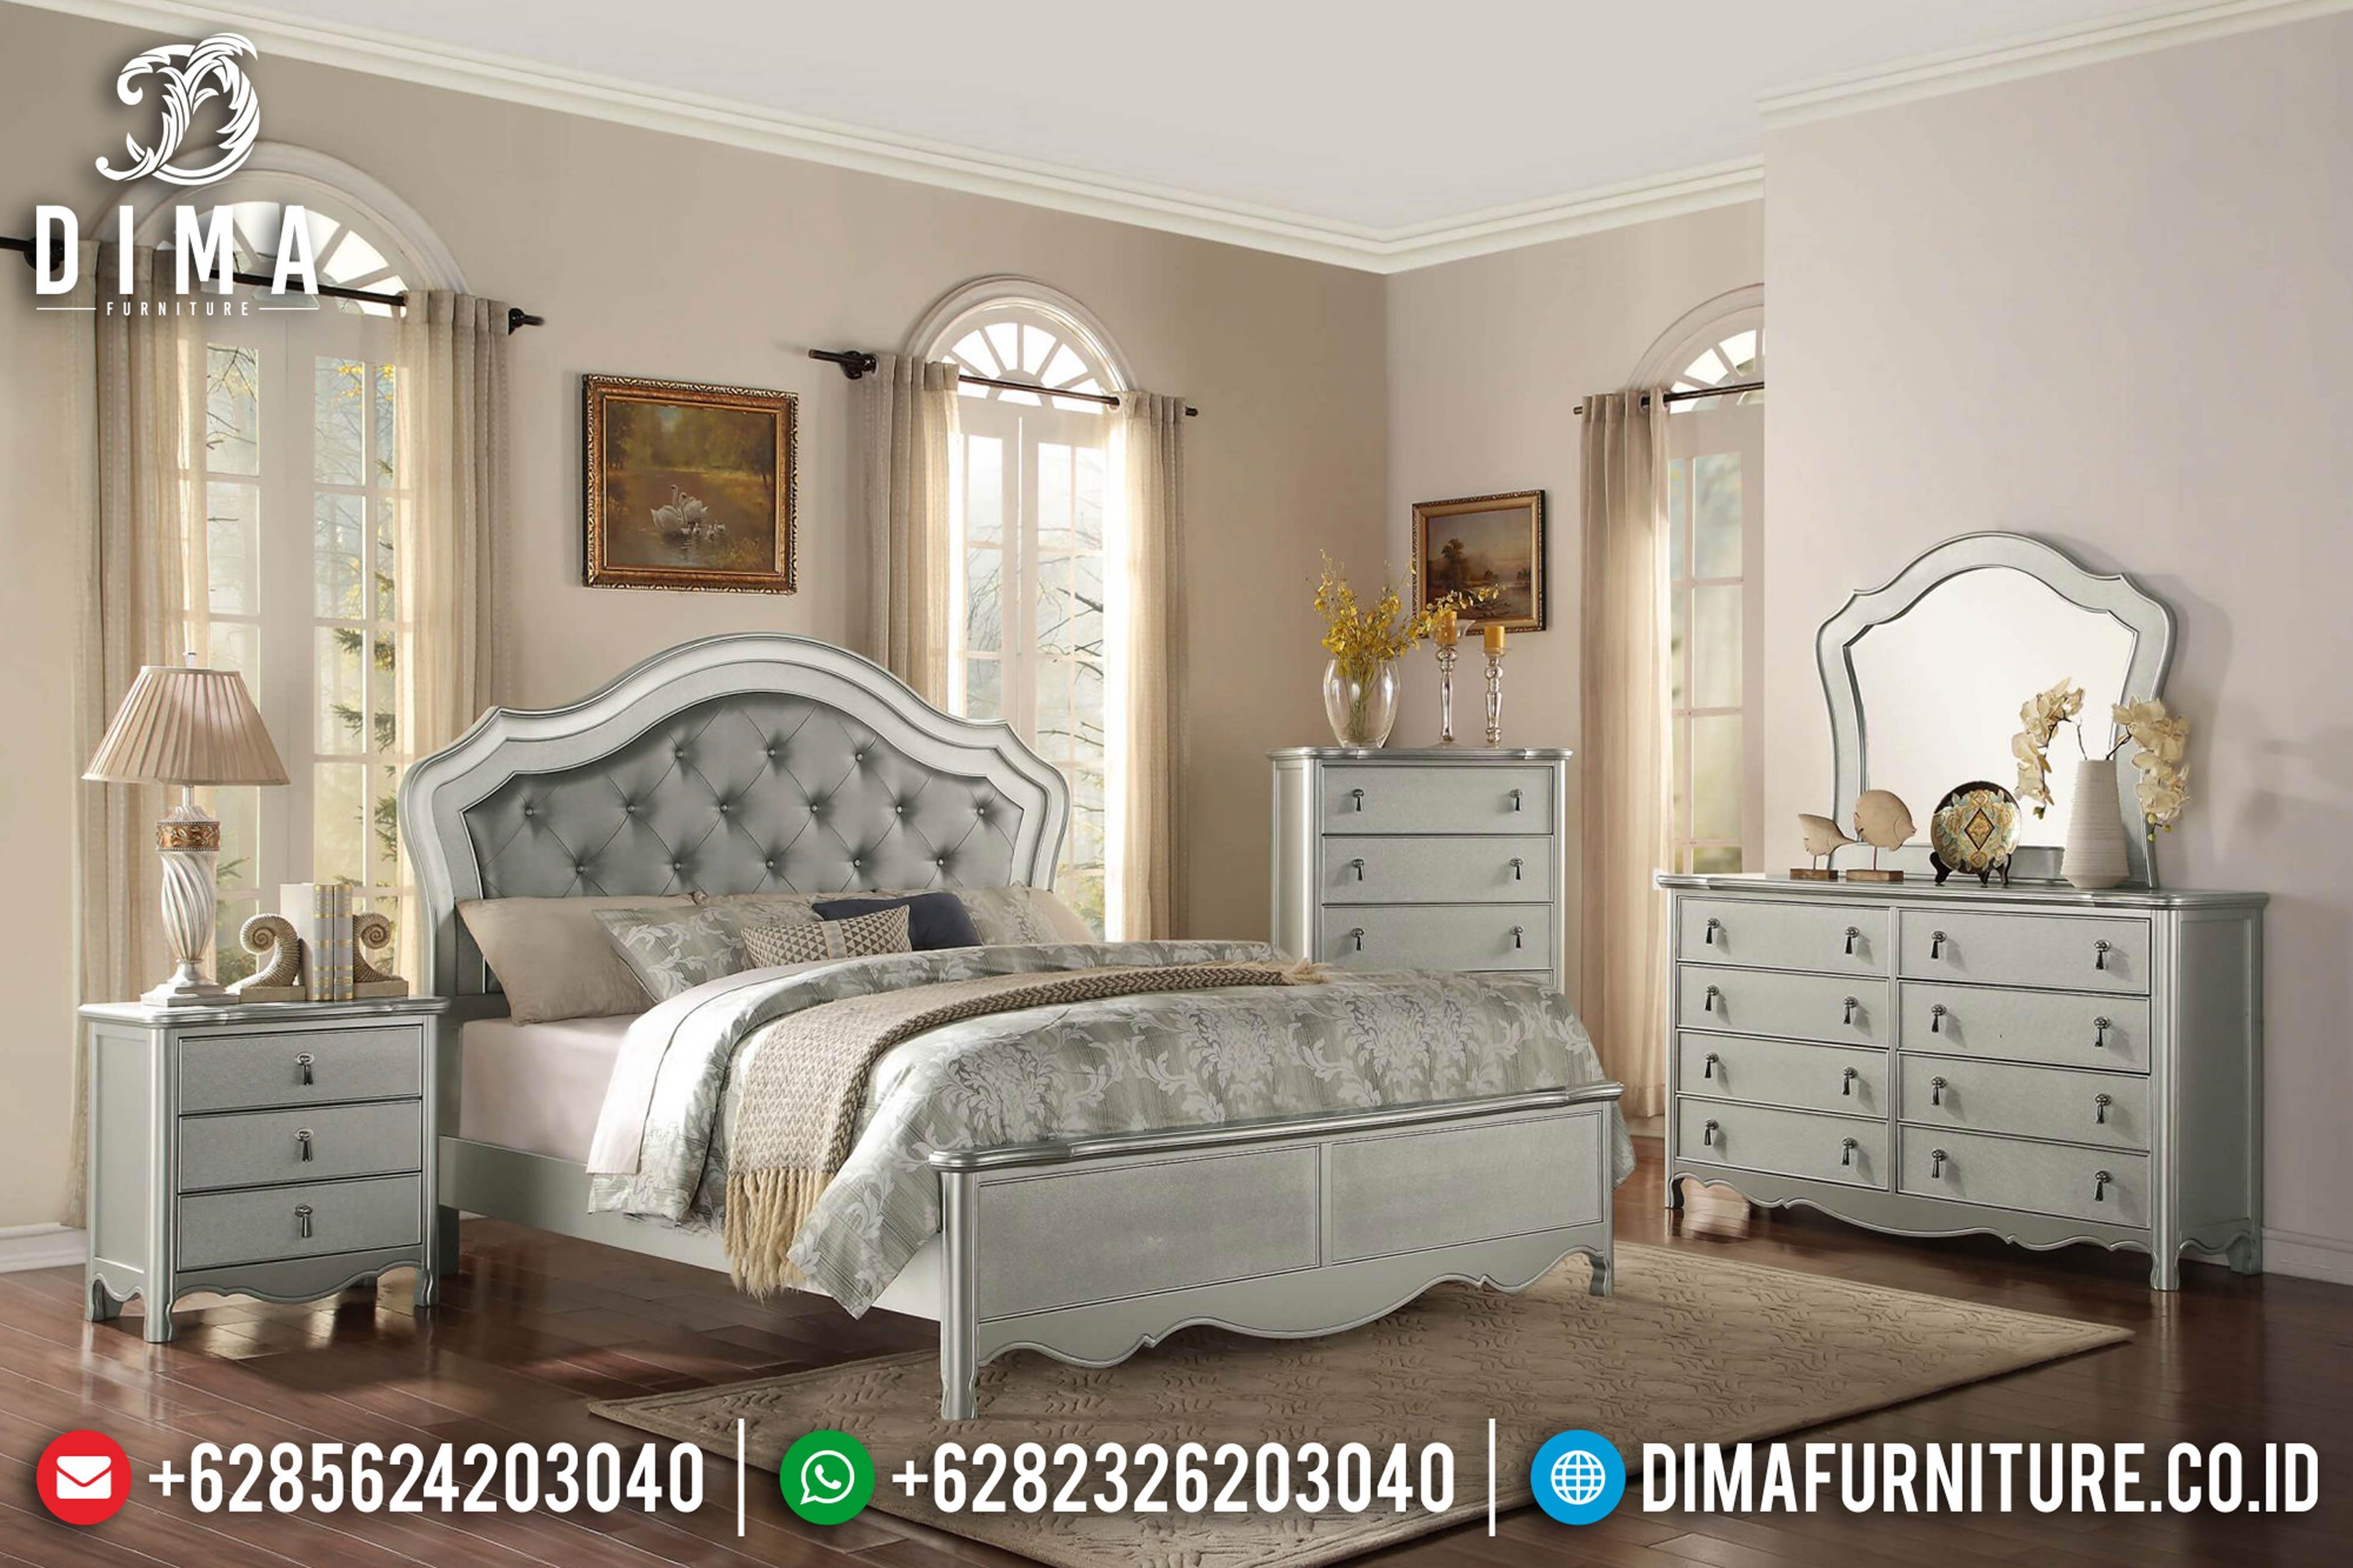 Tempat Tidur Mewah, Kamar Set Minimalis Jepara, Mebel Jepara Terbaru ST-0600